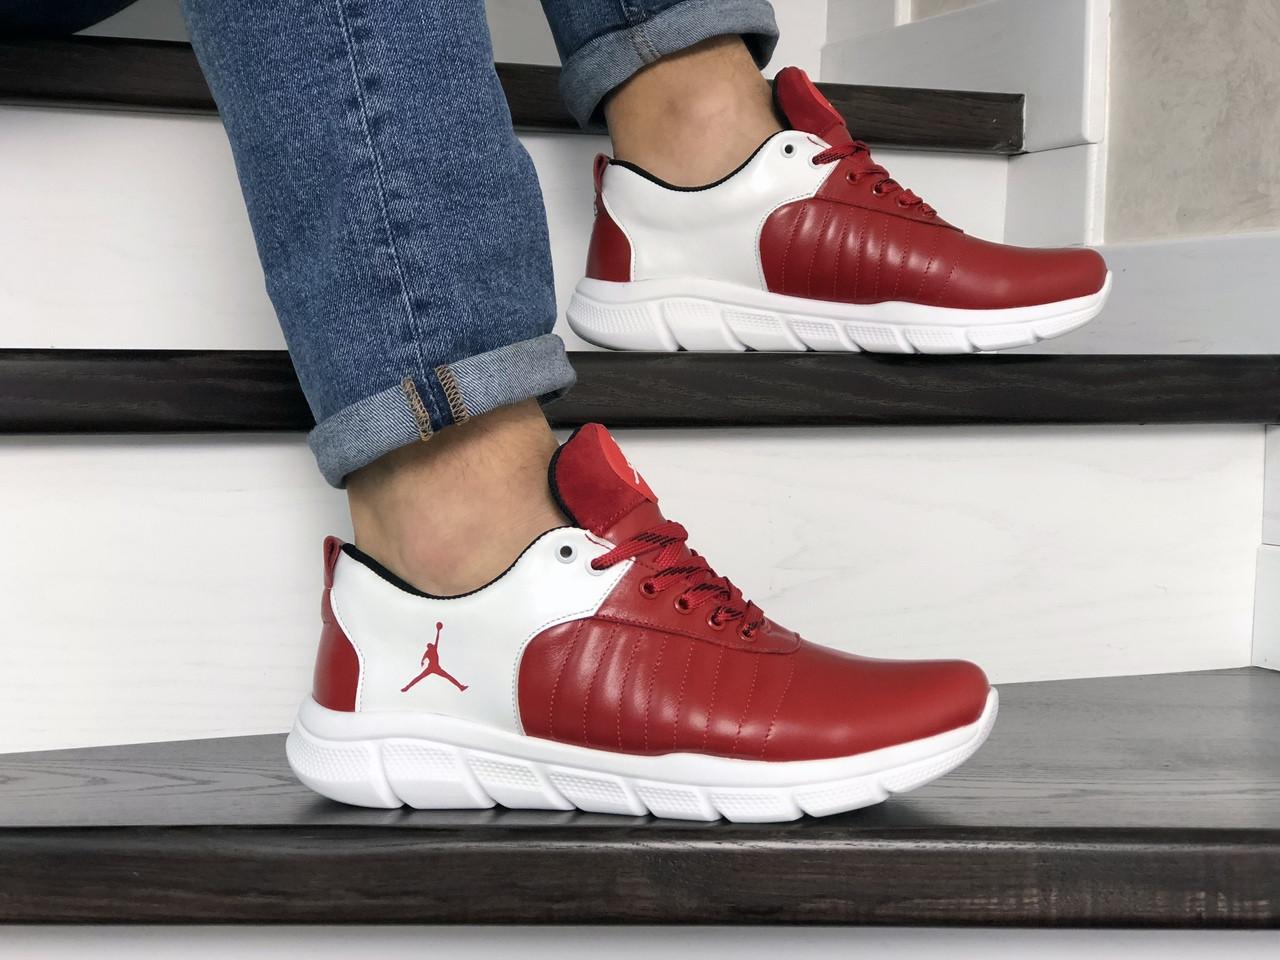 Мужские модные кроссовки (в стиле) Nike Air Jordan,кожаные,красные с белым